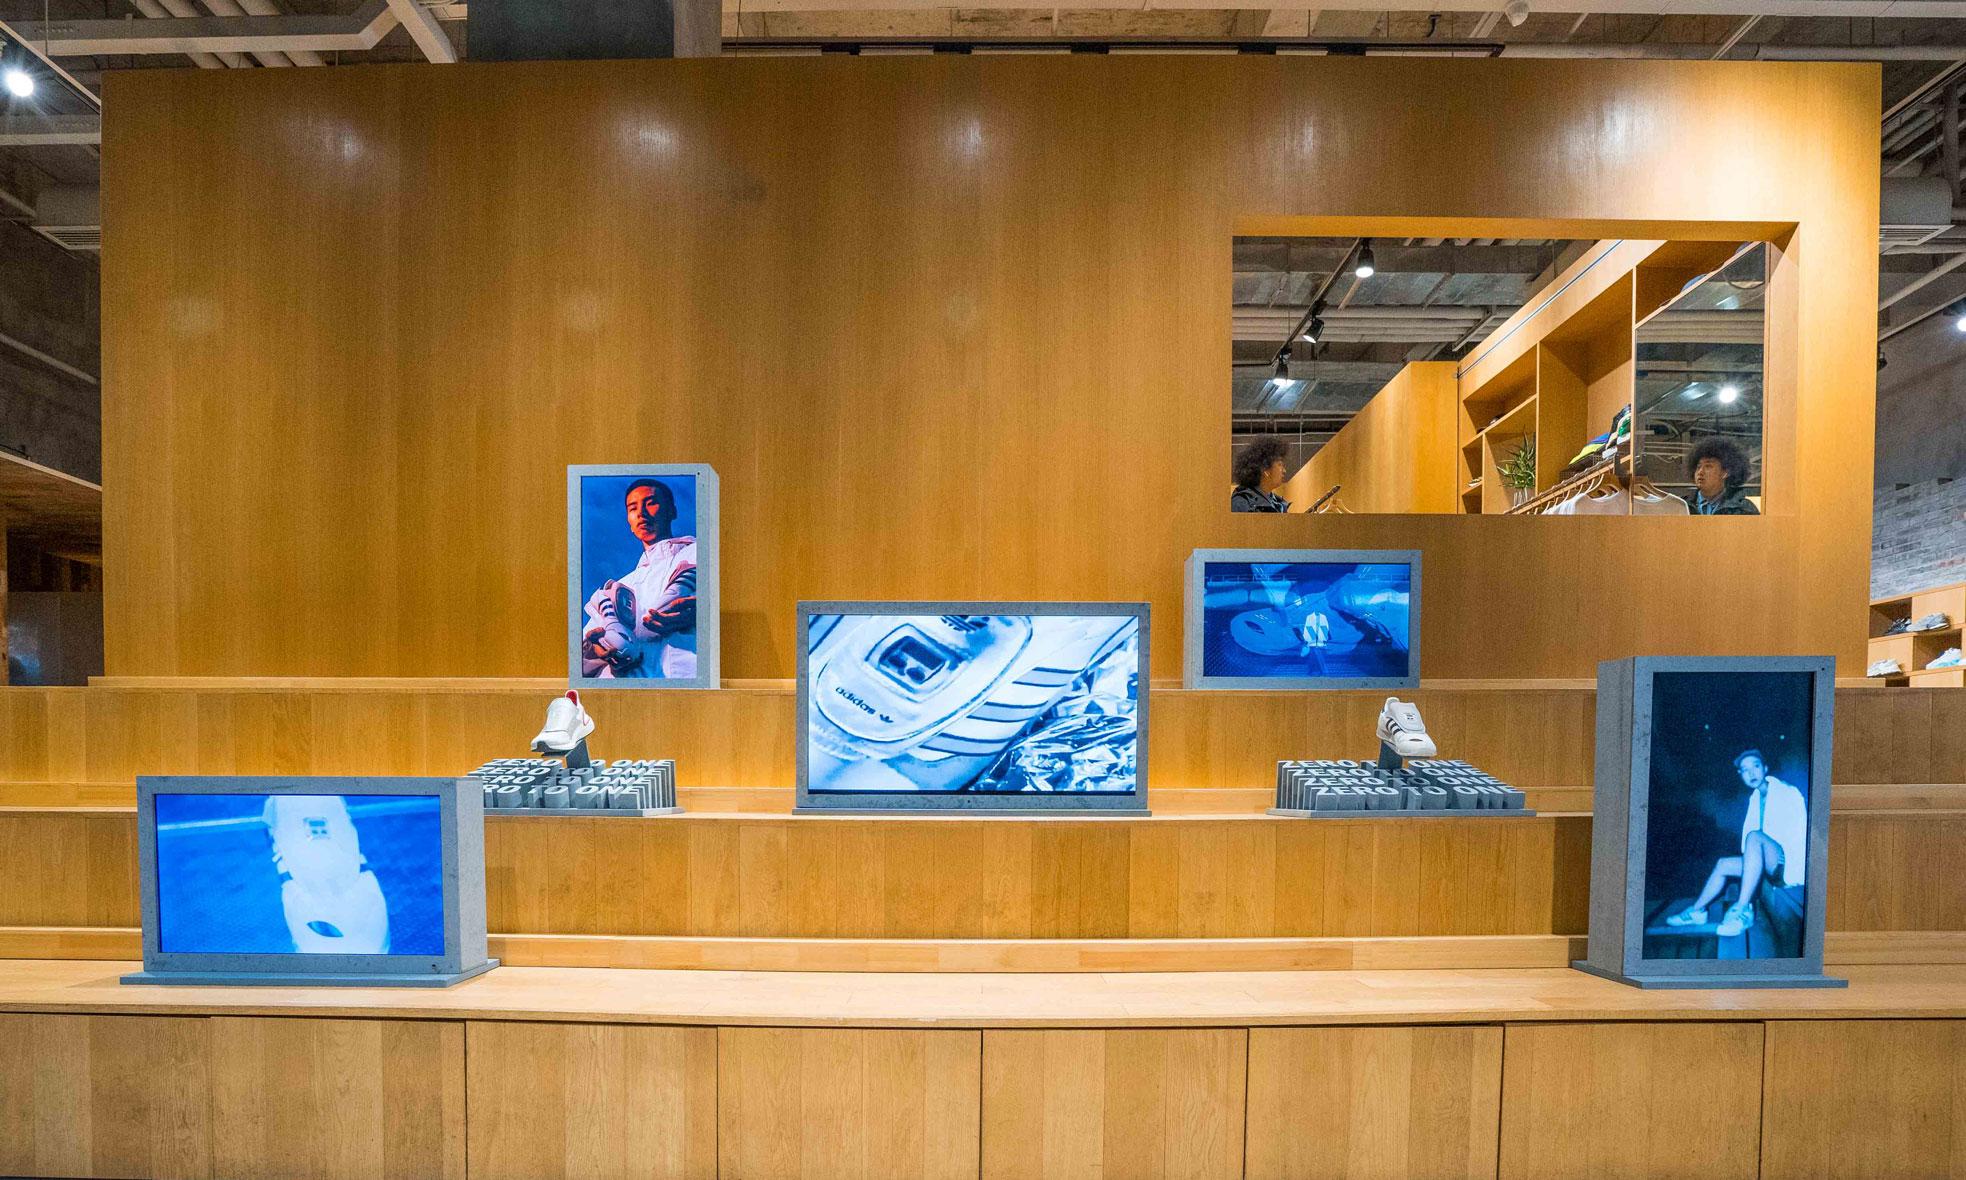 DOE 携手 adidas Consortium 首度推出联名合作